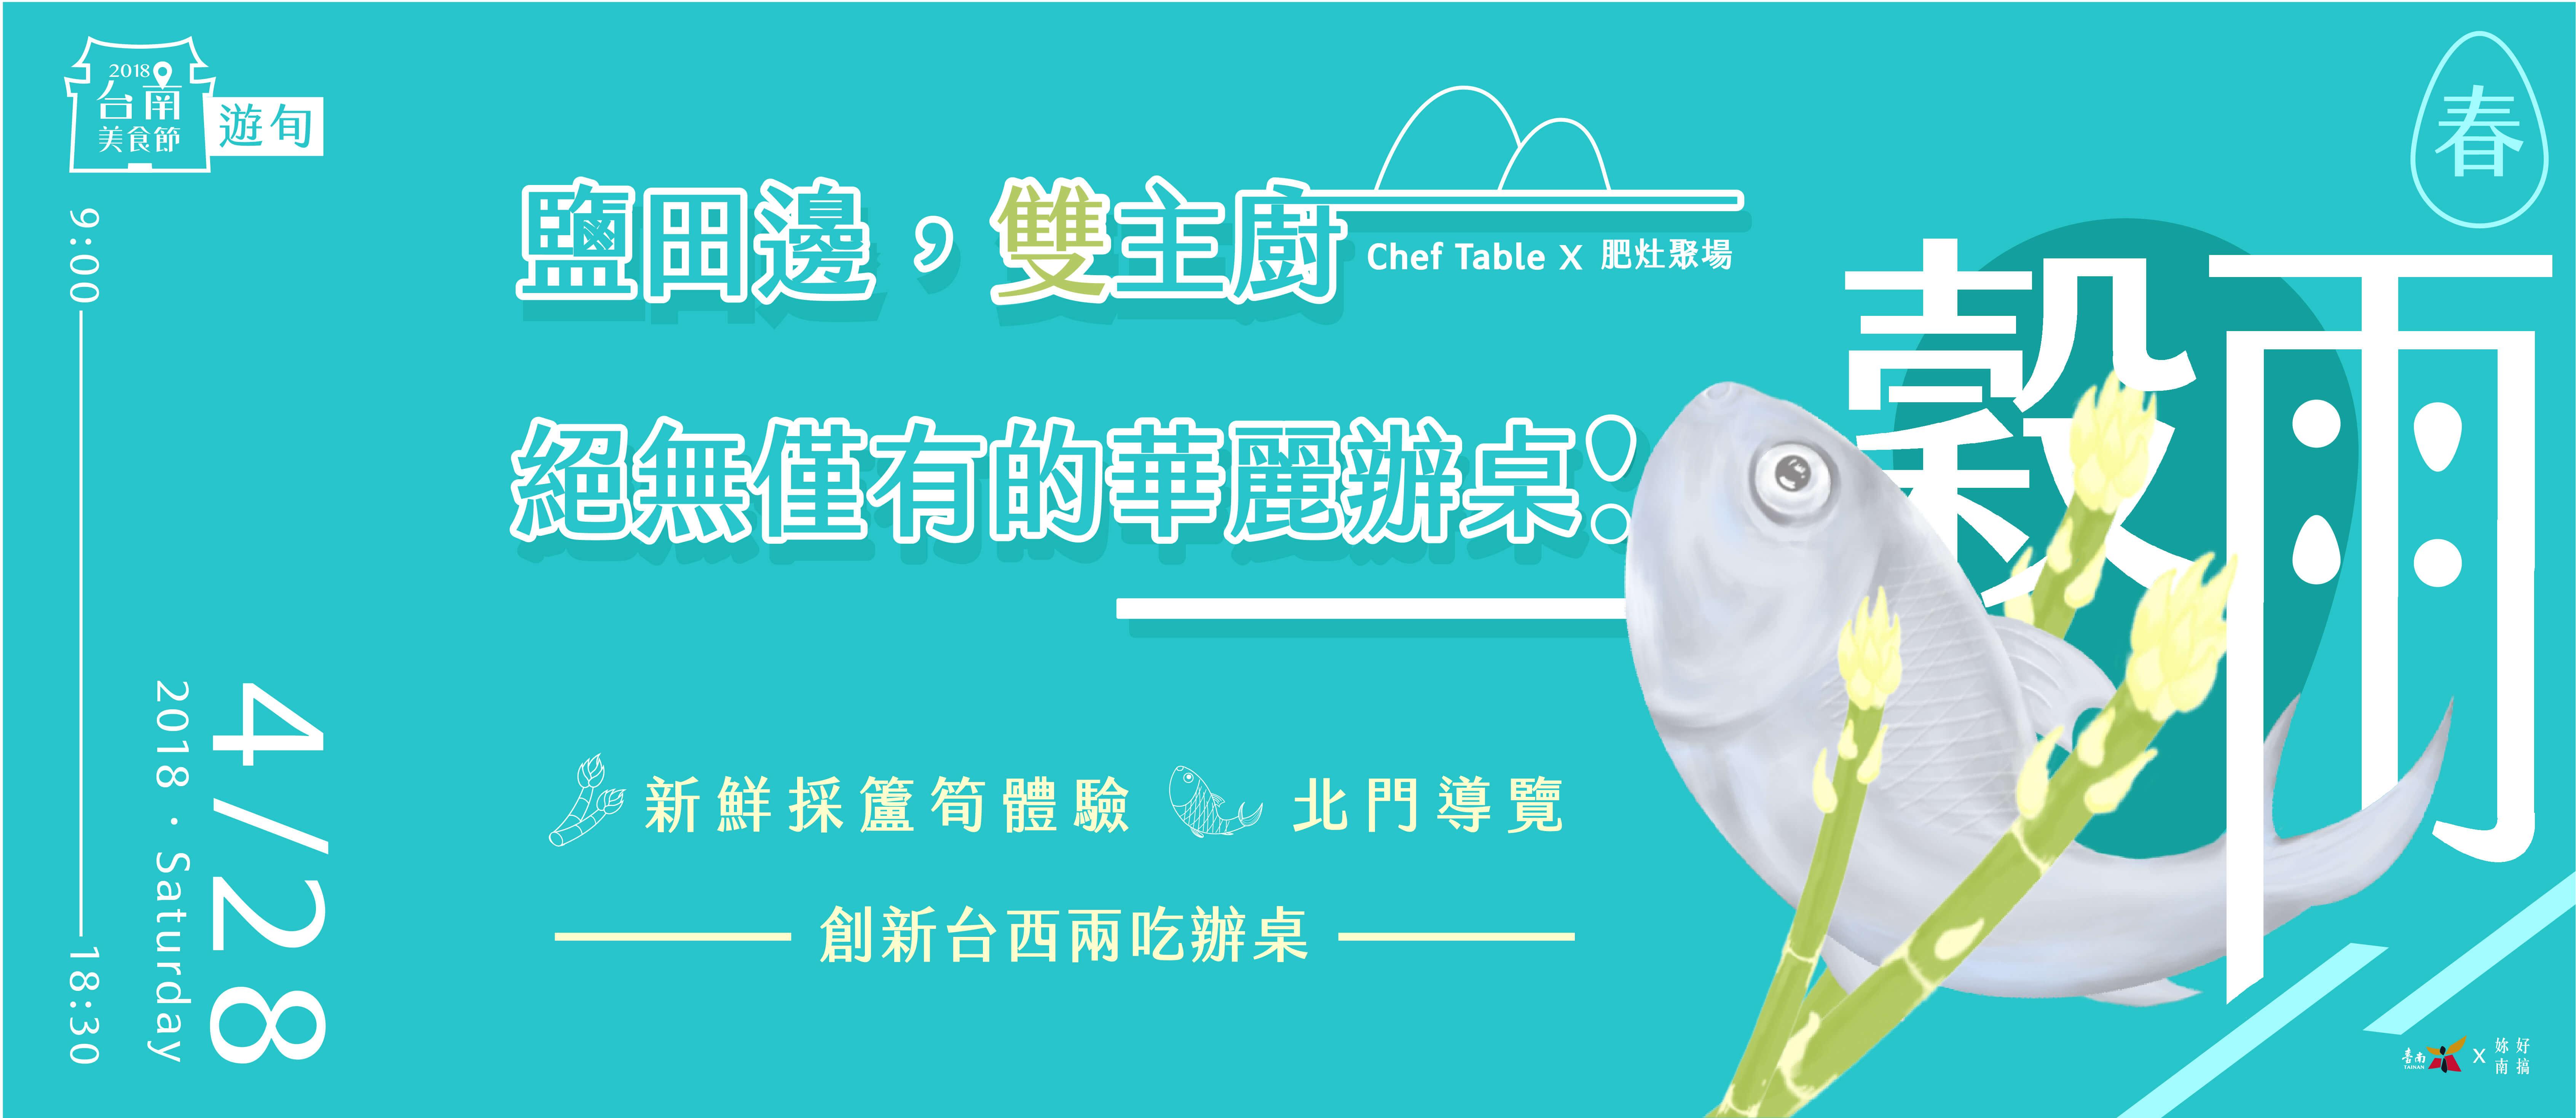 2018台南美食節春季 -01 -妳好南搞